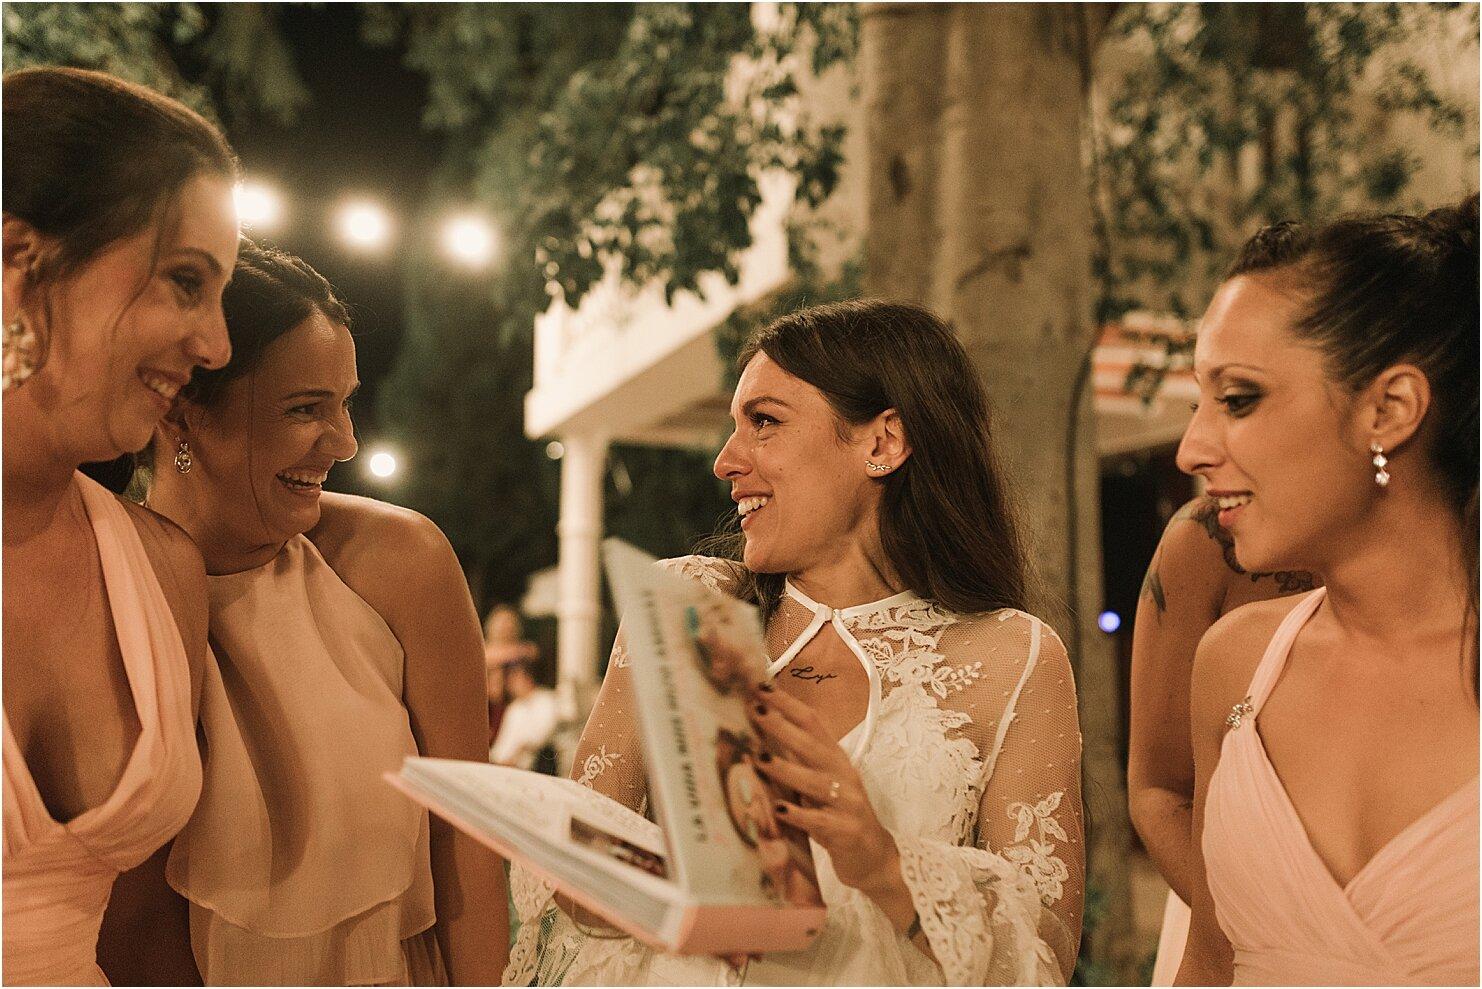 boda-romantica-boda-boho-vestido-de-novia-laura-lomas93.jpg